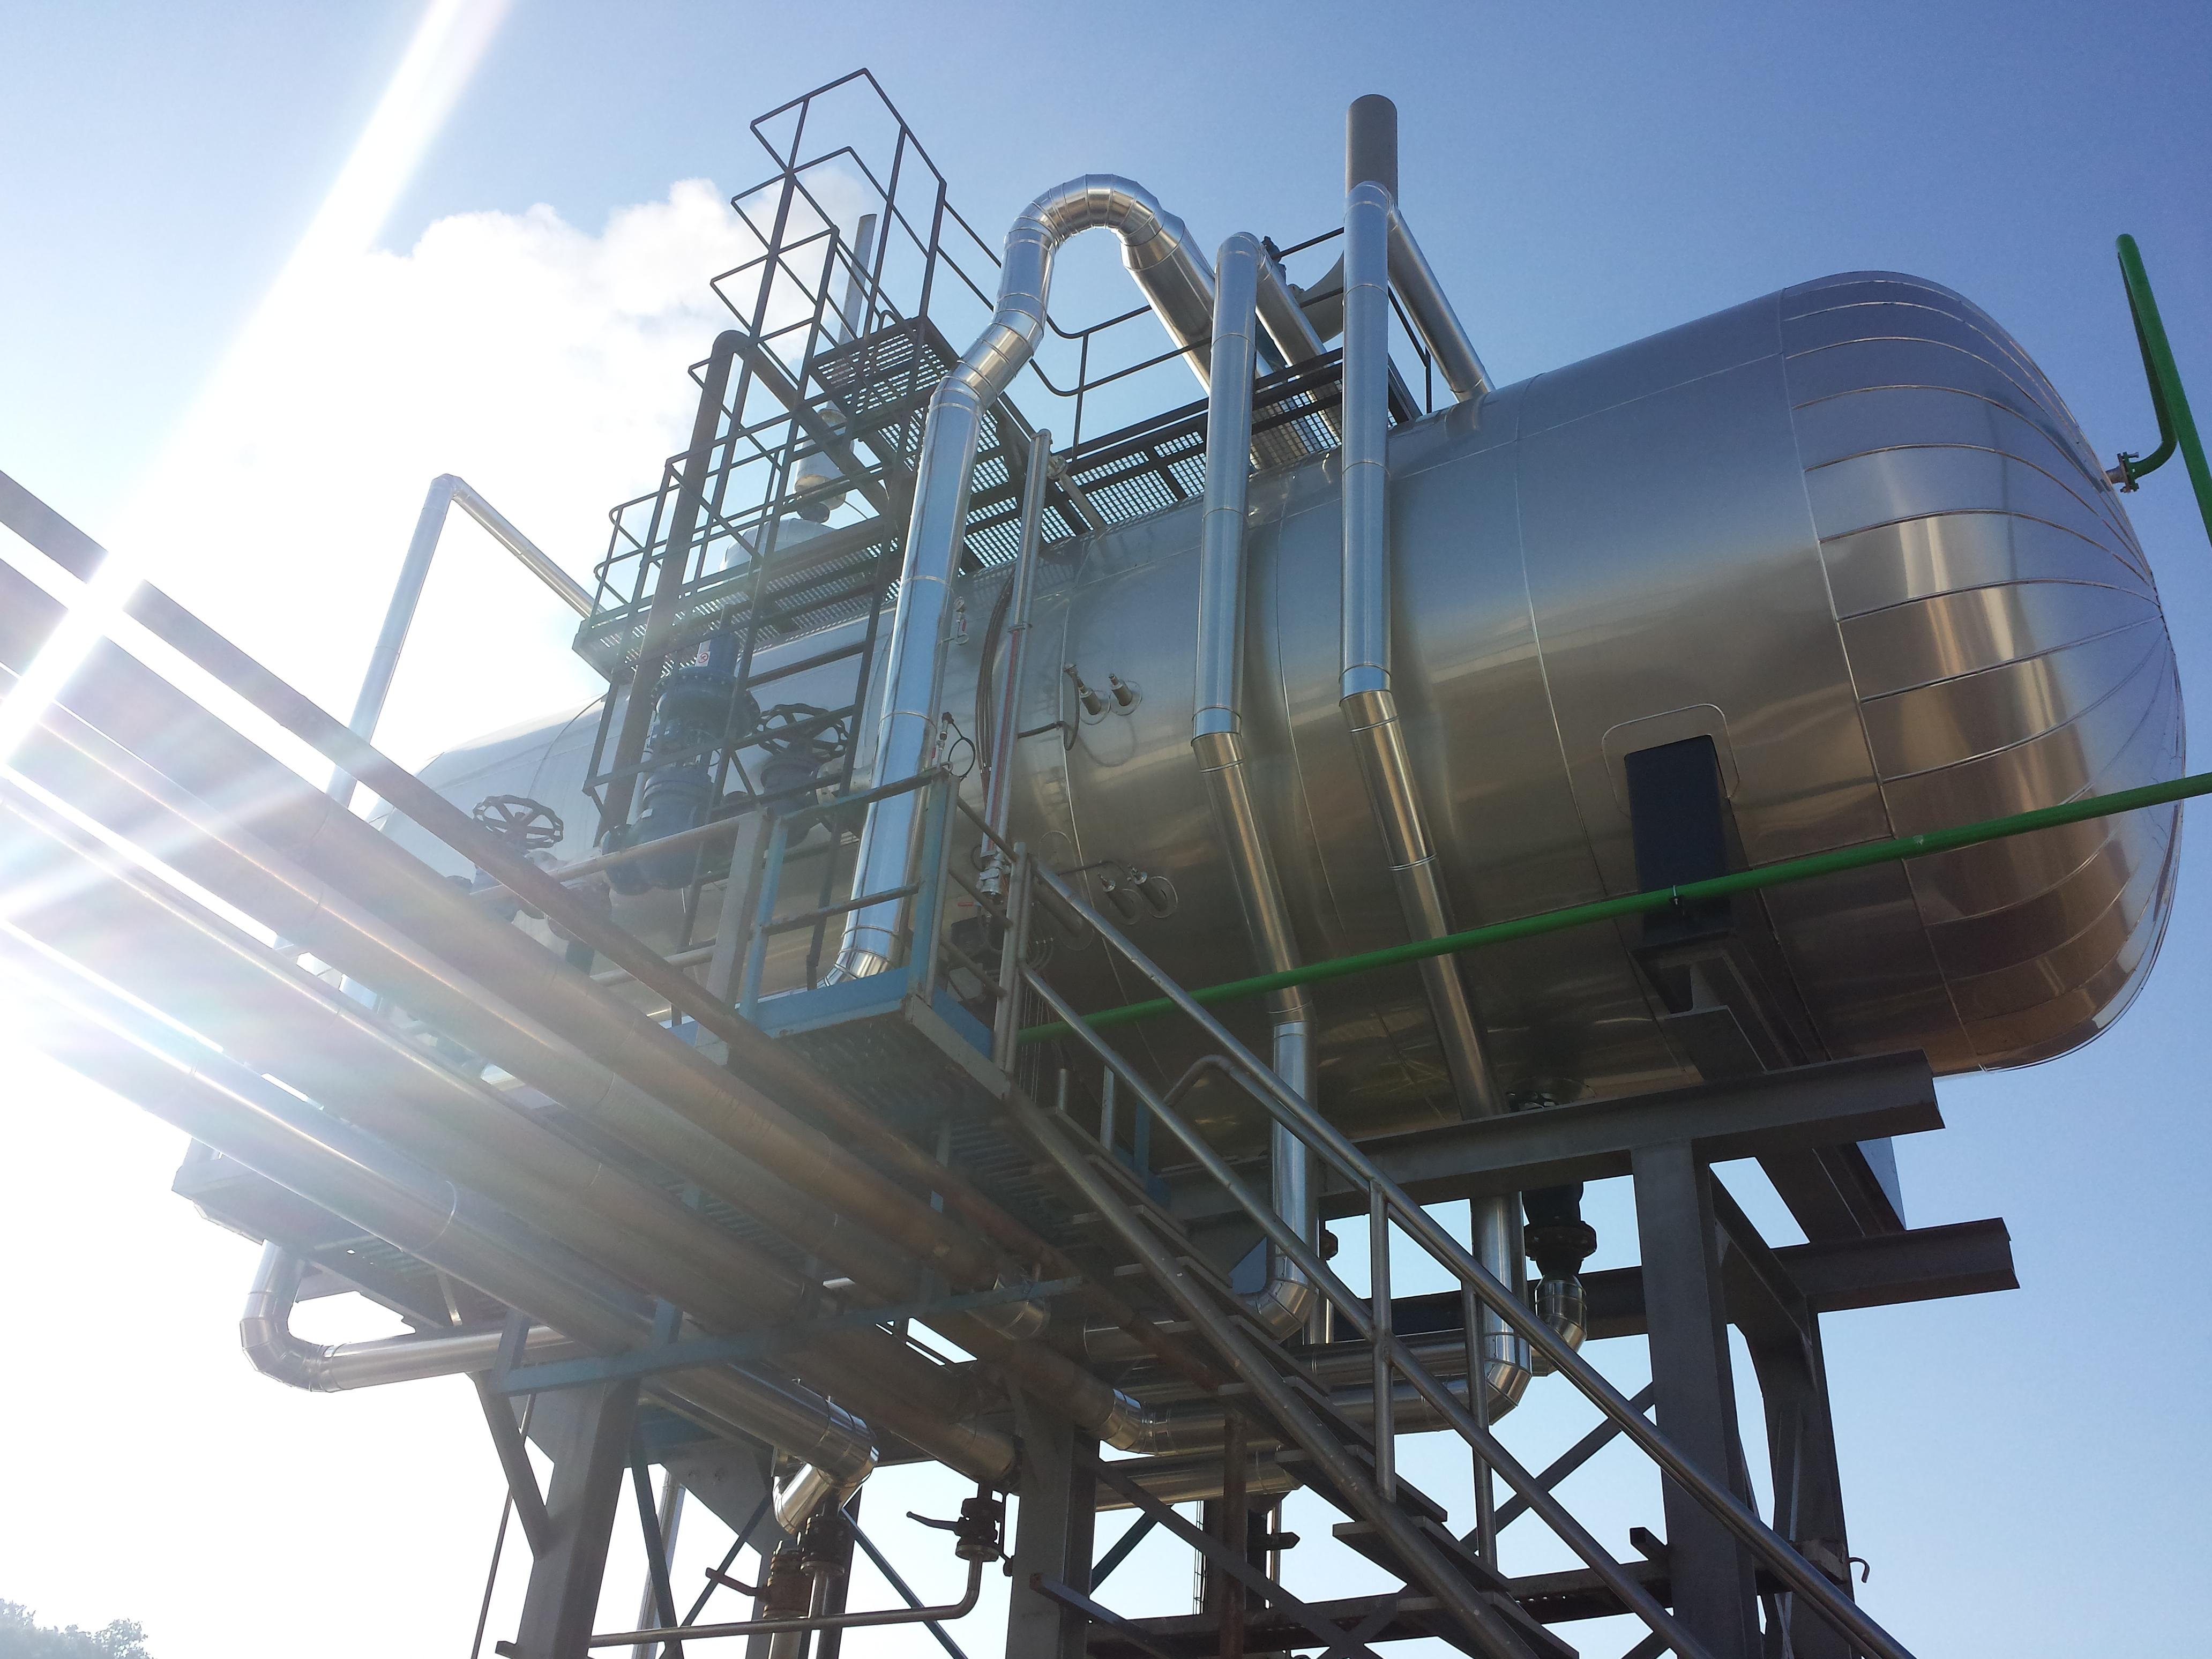 Calderas de vapor desgasificador DGV 2 Calderería López Hermanos, S.A. Valencia